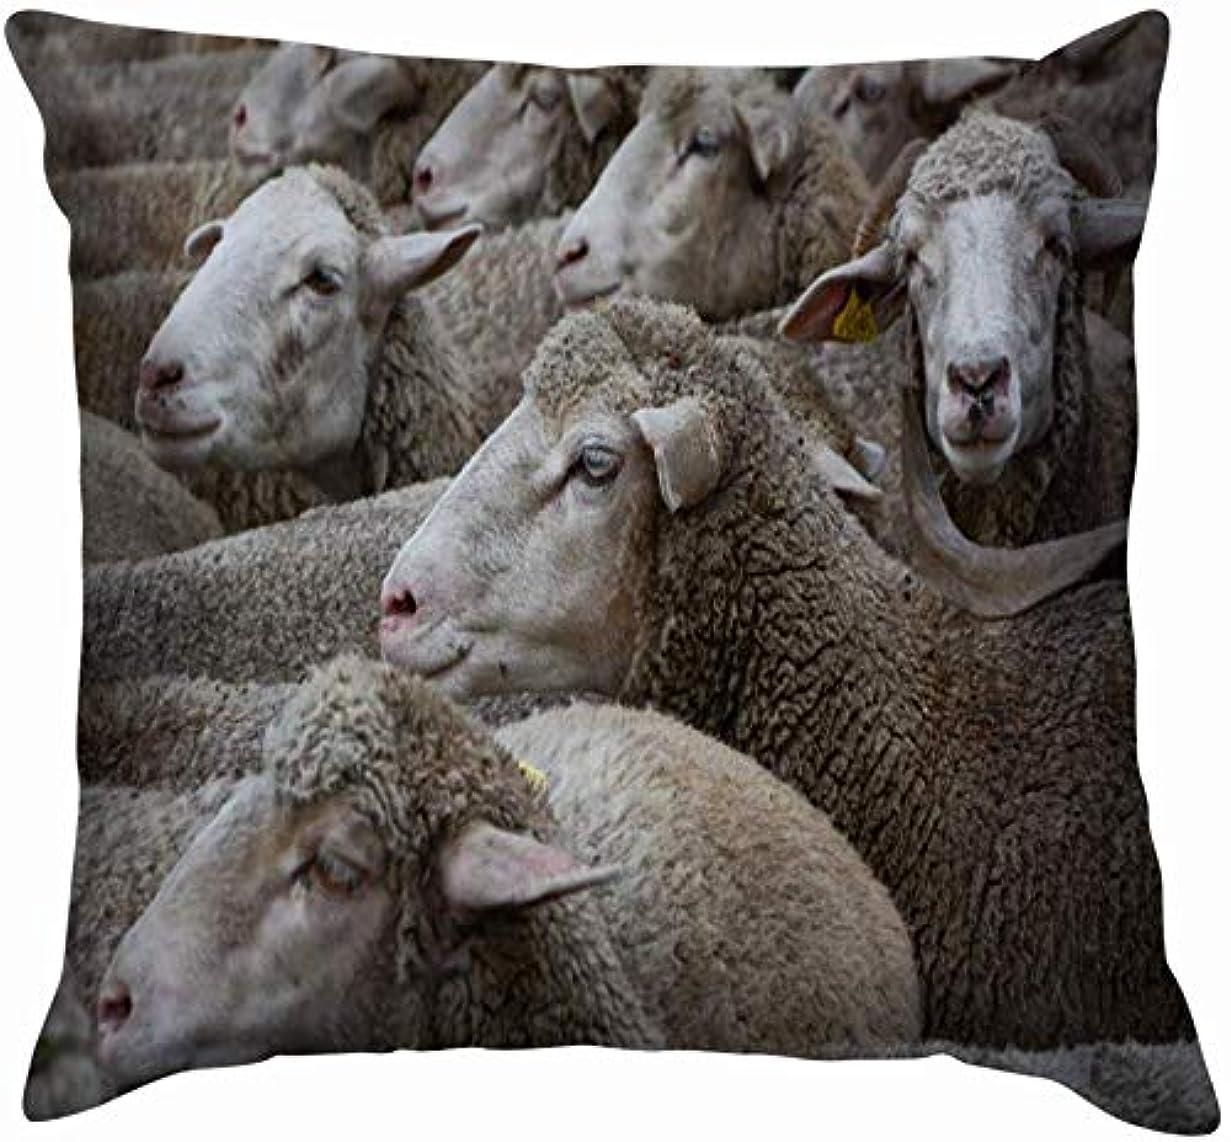 の量平方超音速羊の群れ公園マドリード動物野生動物広告食べ物と飲み物投げ枕カバーホームソファクッションカバー枕カバーギフト45x45 cm